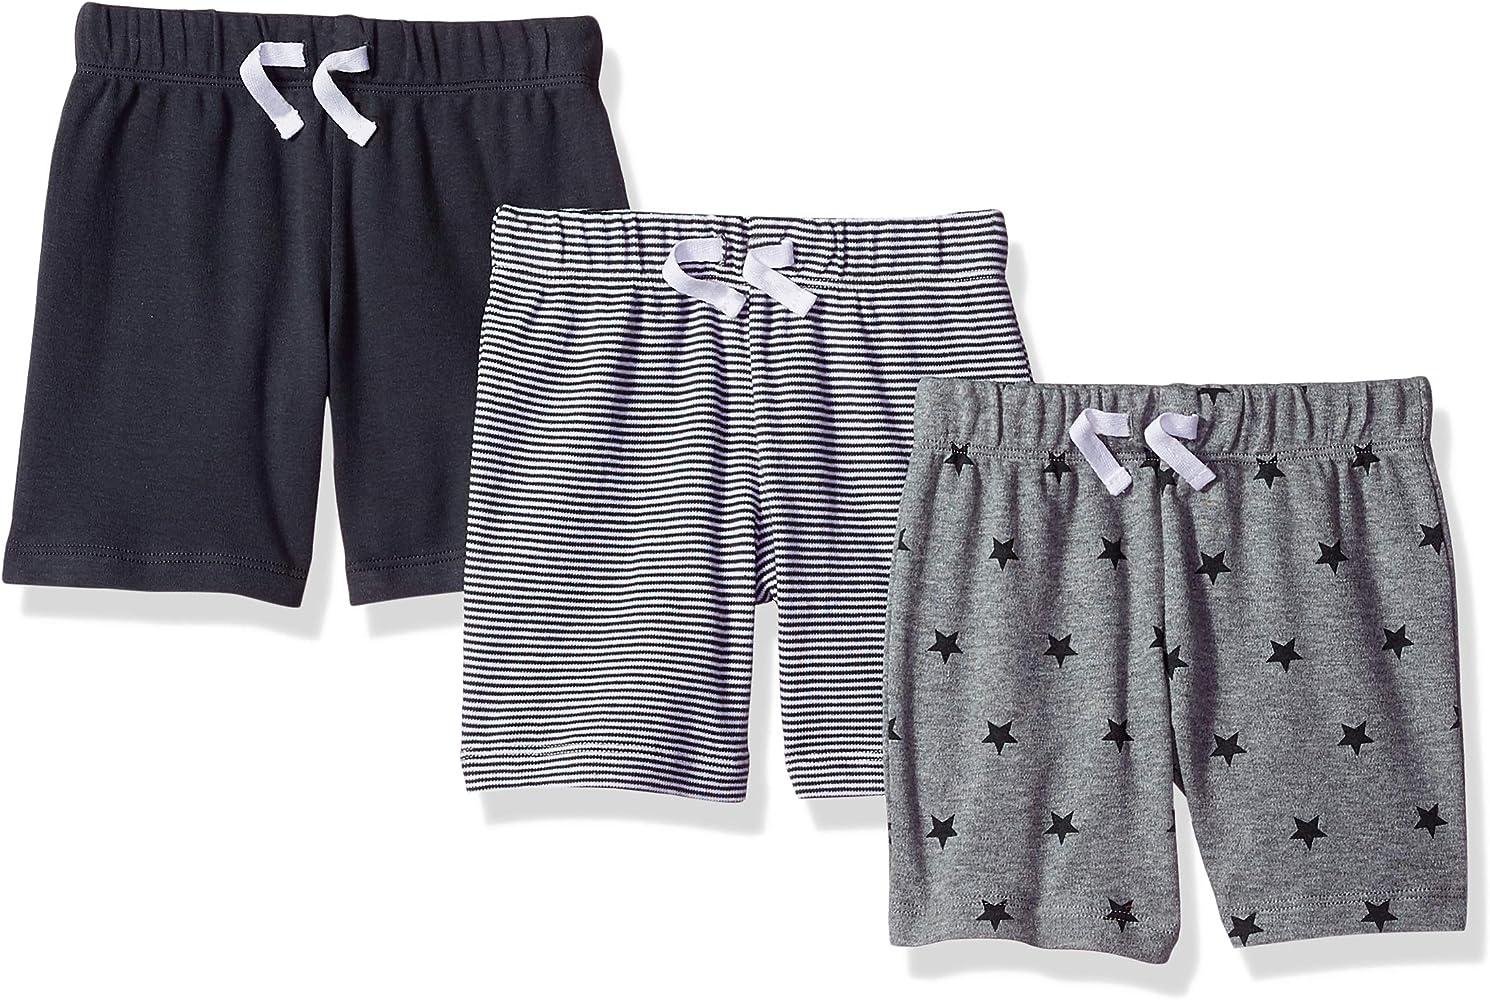 Amazon Essentials - Pack de 3 pantalones cortos con cintura elástica para niño: Amazon.es: Ropa y accesorios